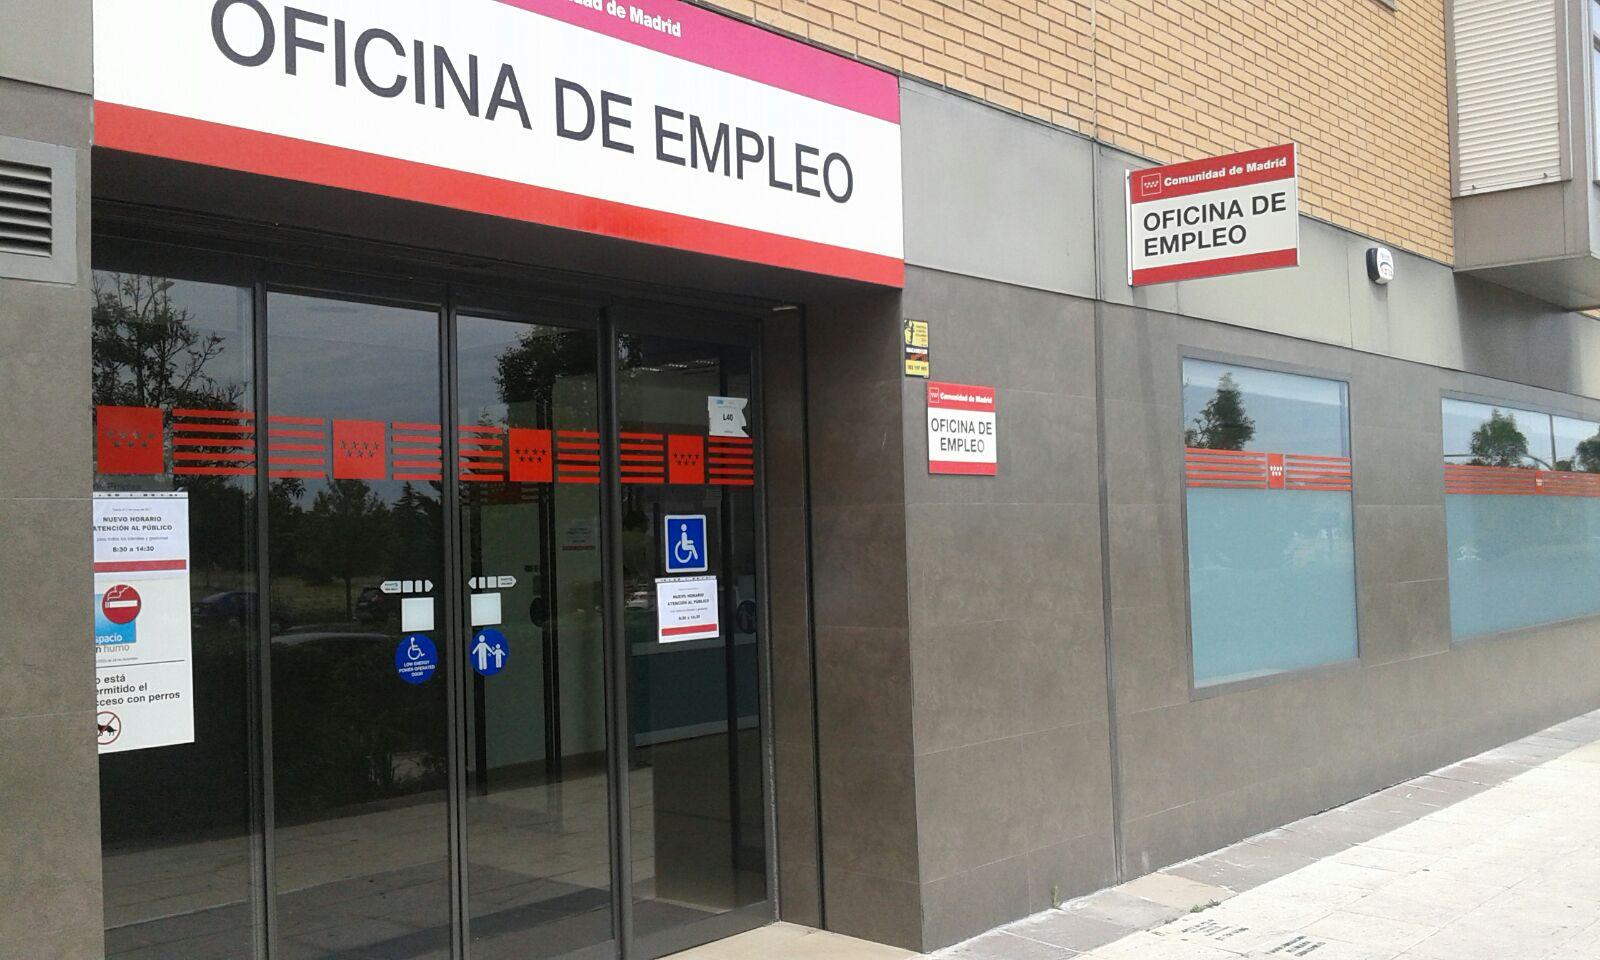 Oficina de empleo Sanchinarro | Comunidad de Madrid